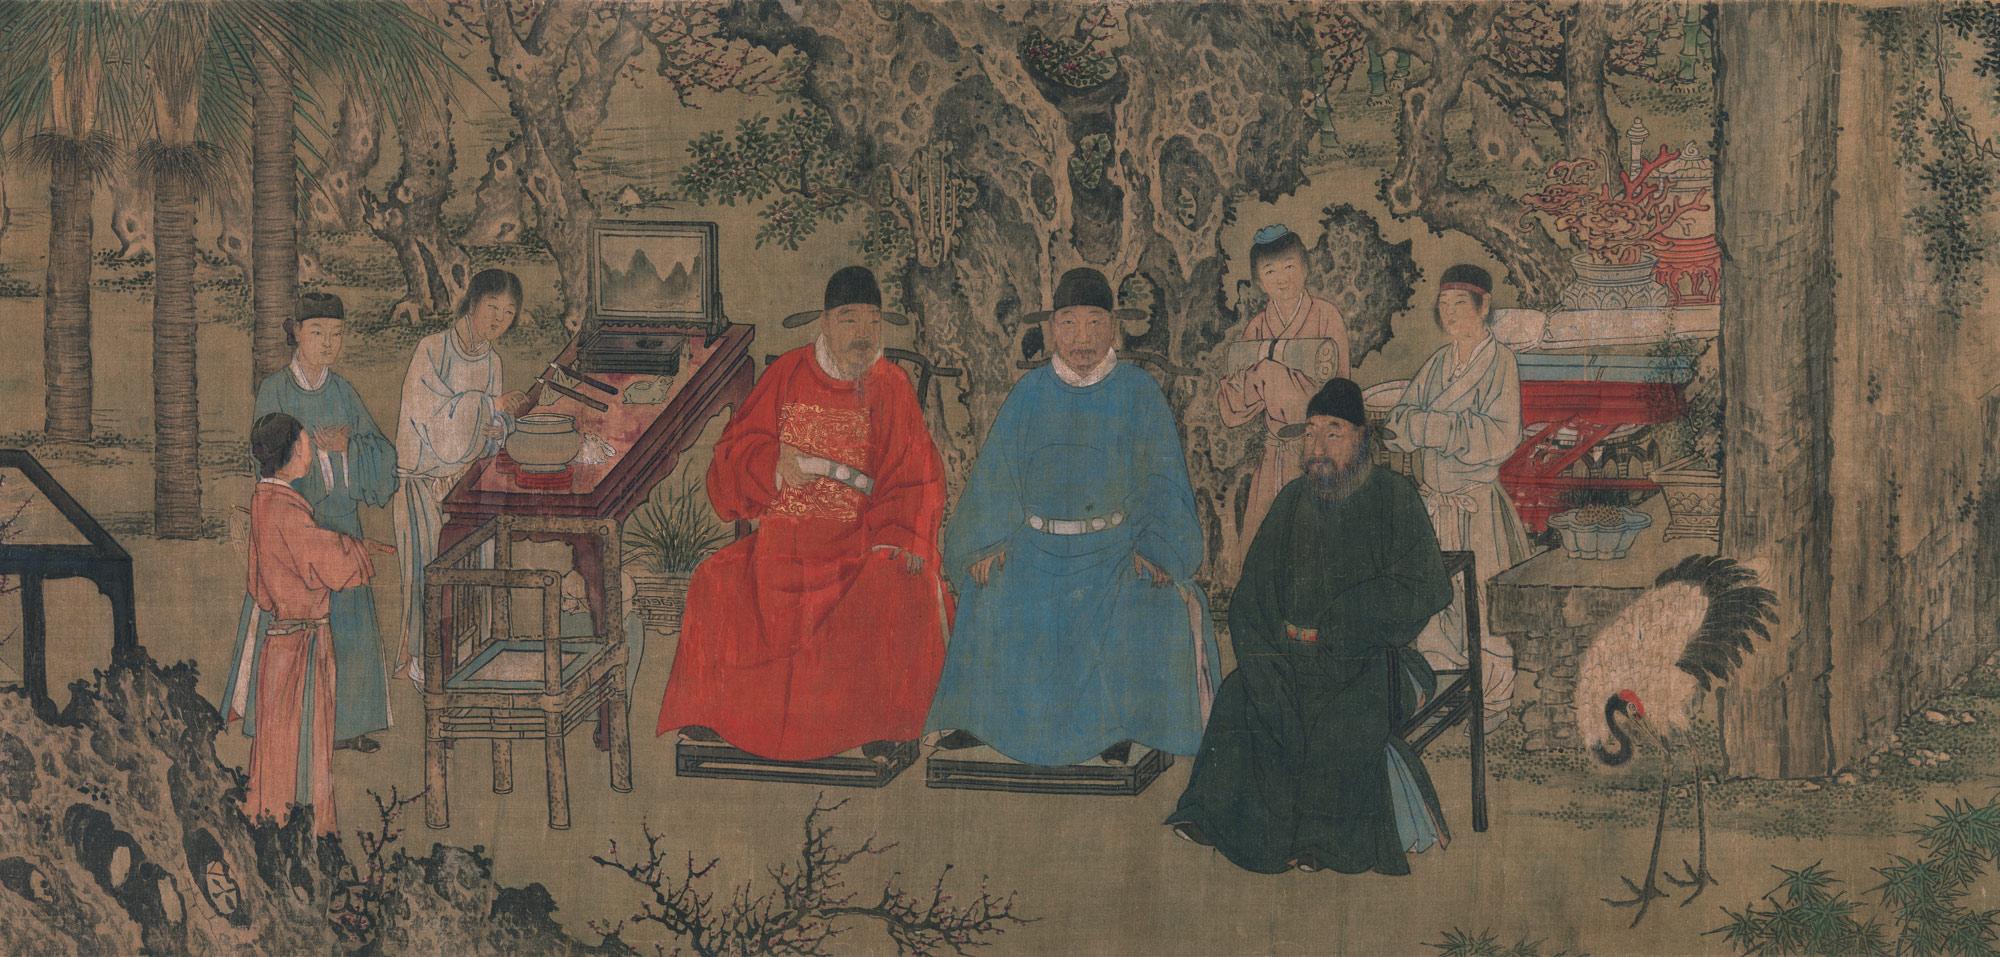 Reforming Elites The Confucian Way